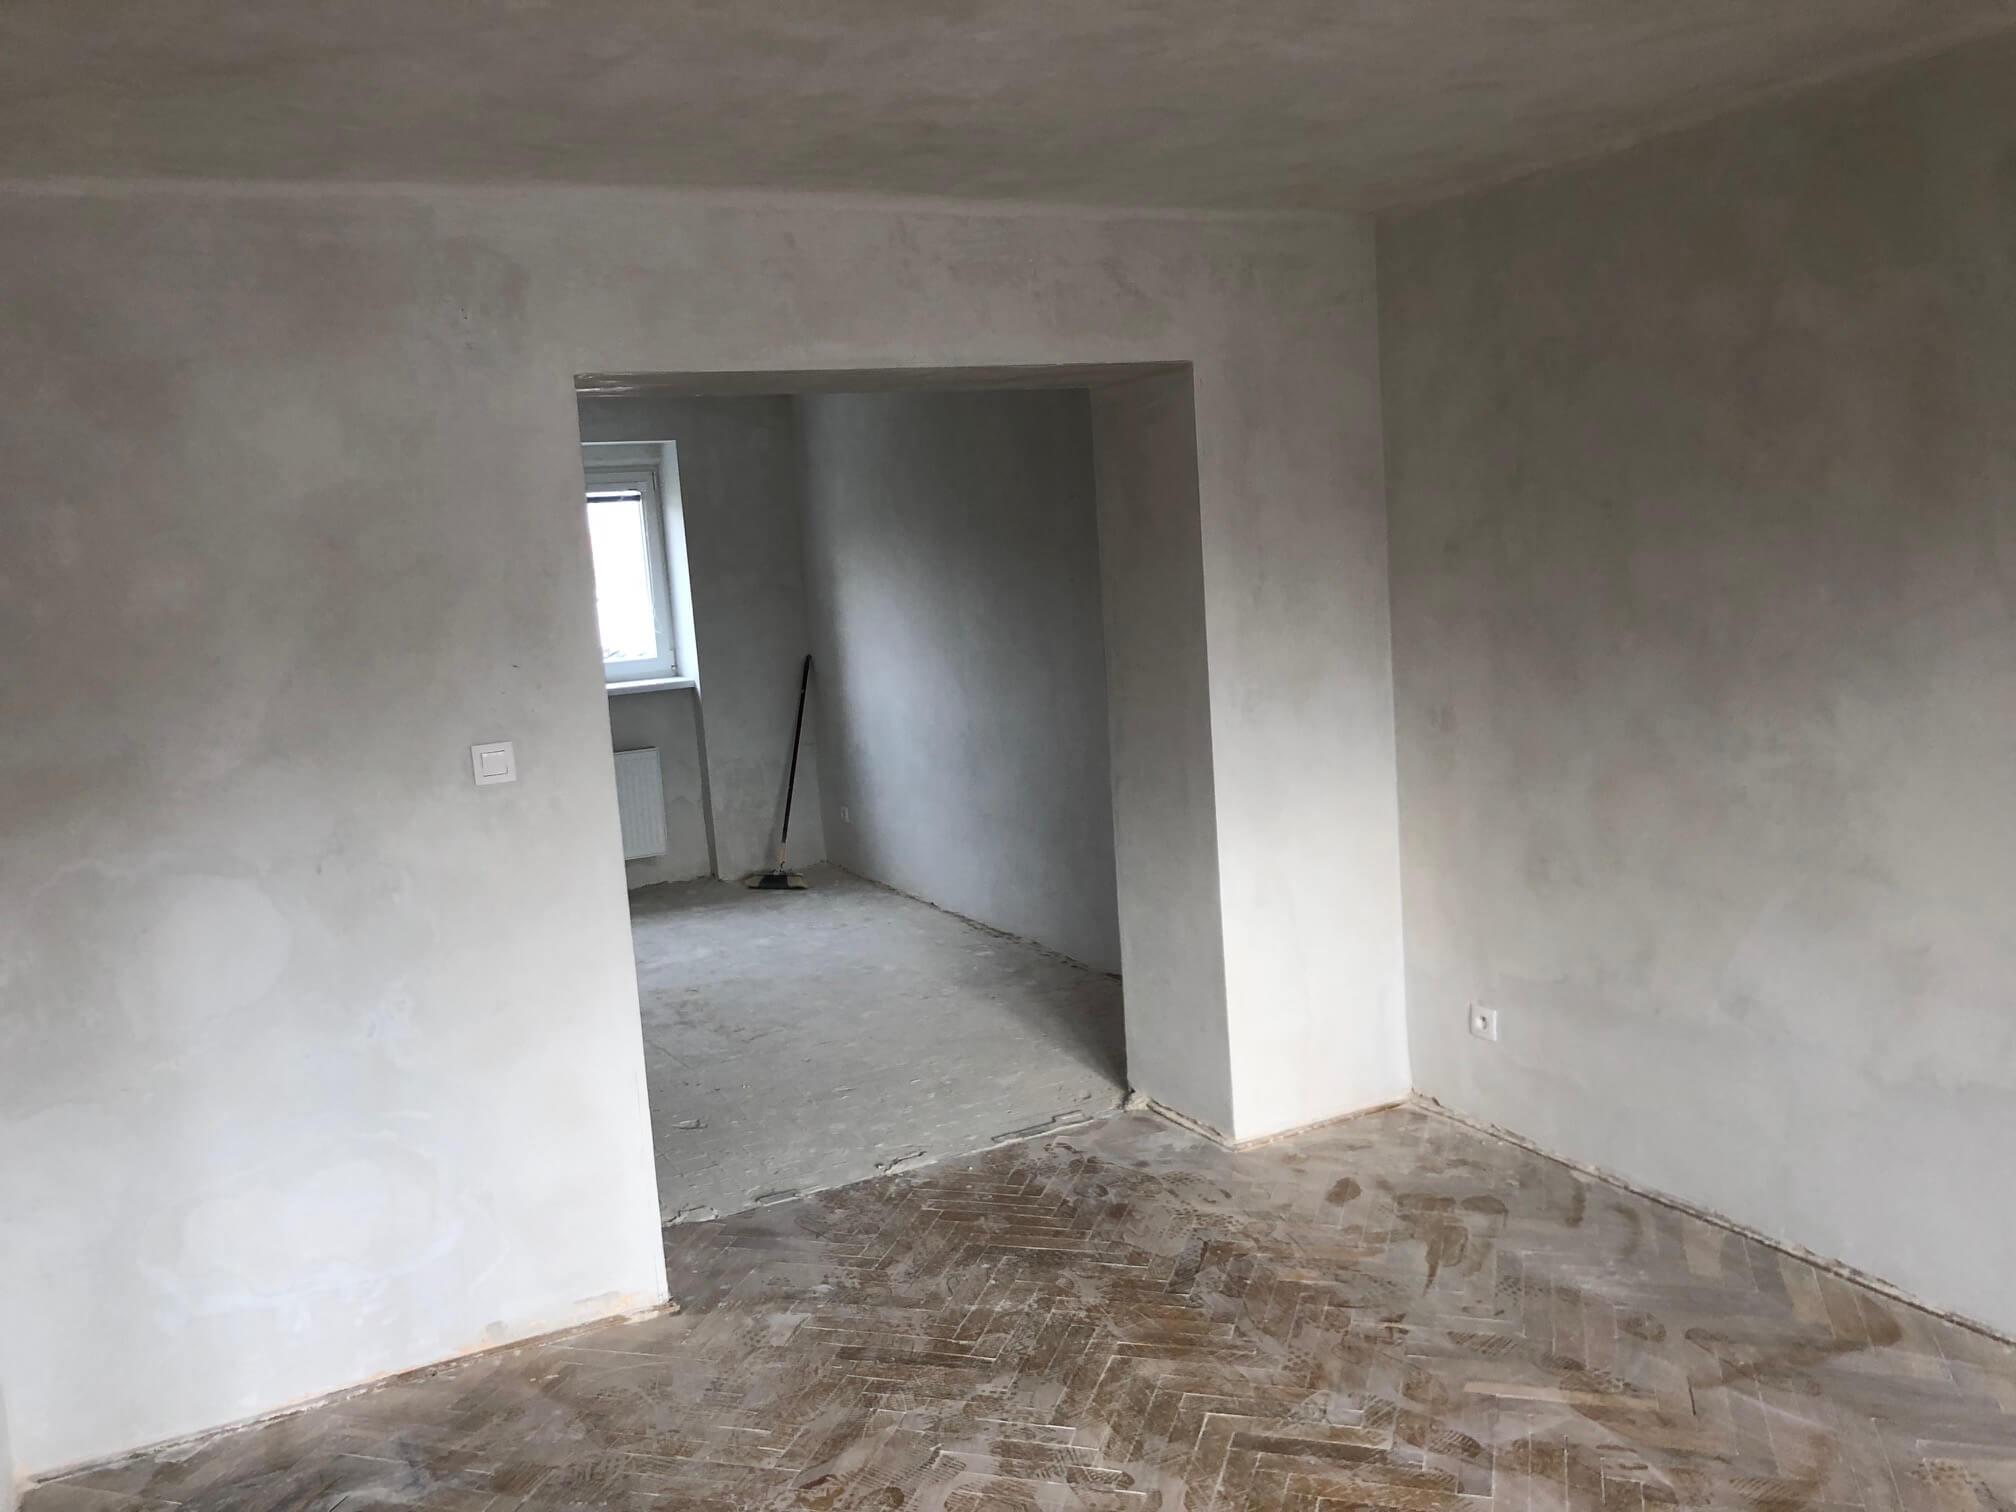 Predané – Predaj 2 izb. bytu, 53m2, Hubeného v Rači, kompletne zrekonštruovany-5